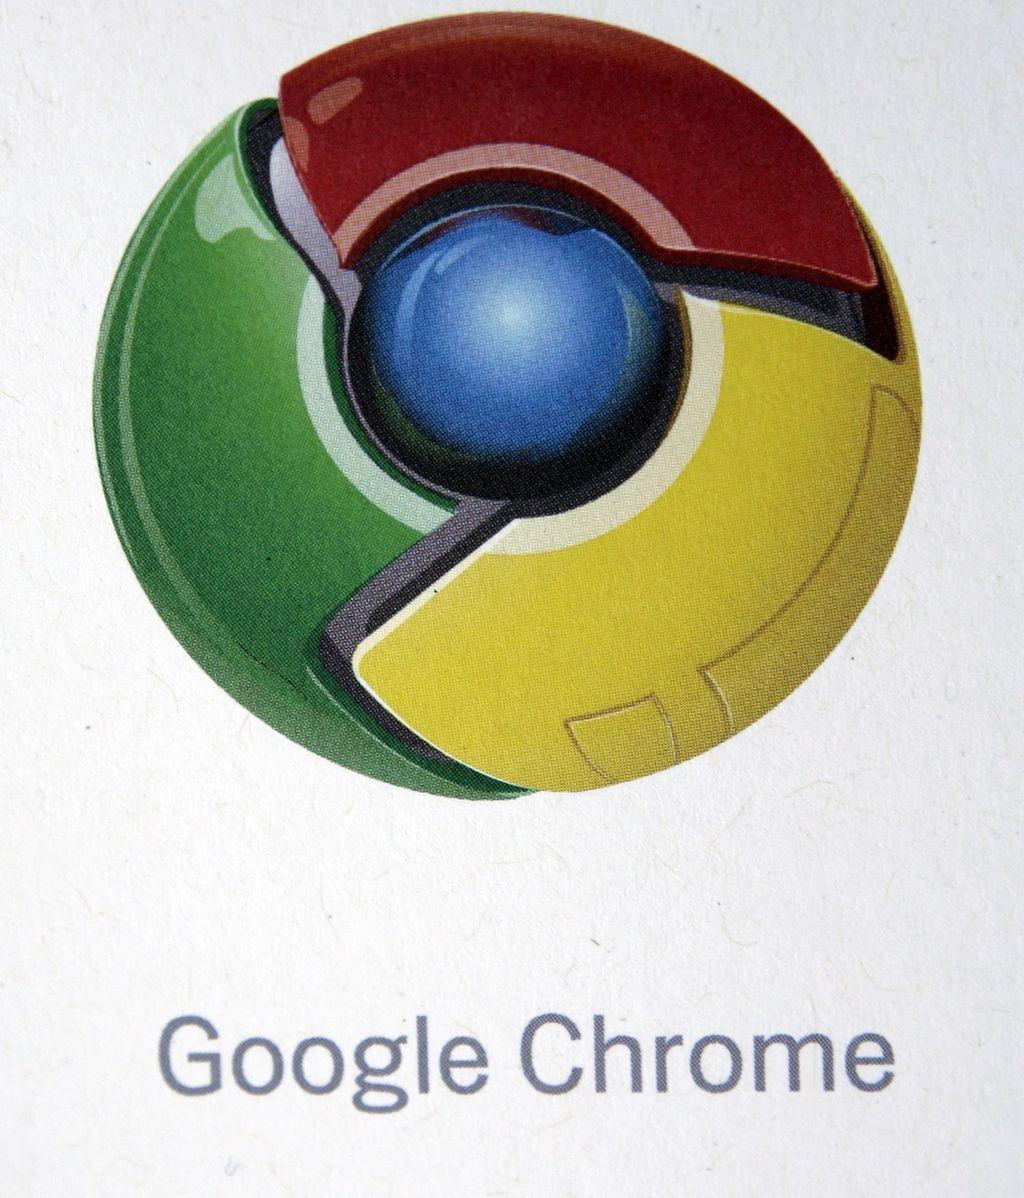 El navegador Chorme es el más seguro